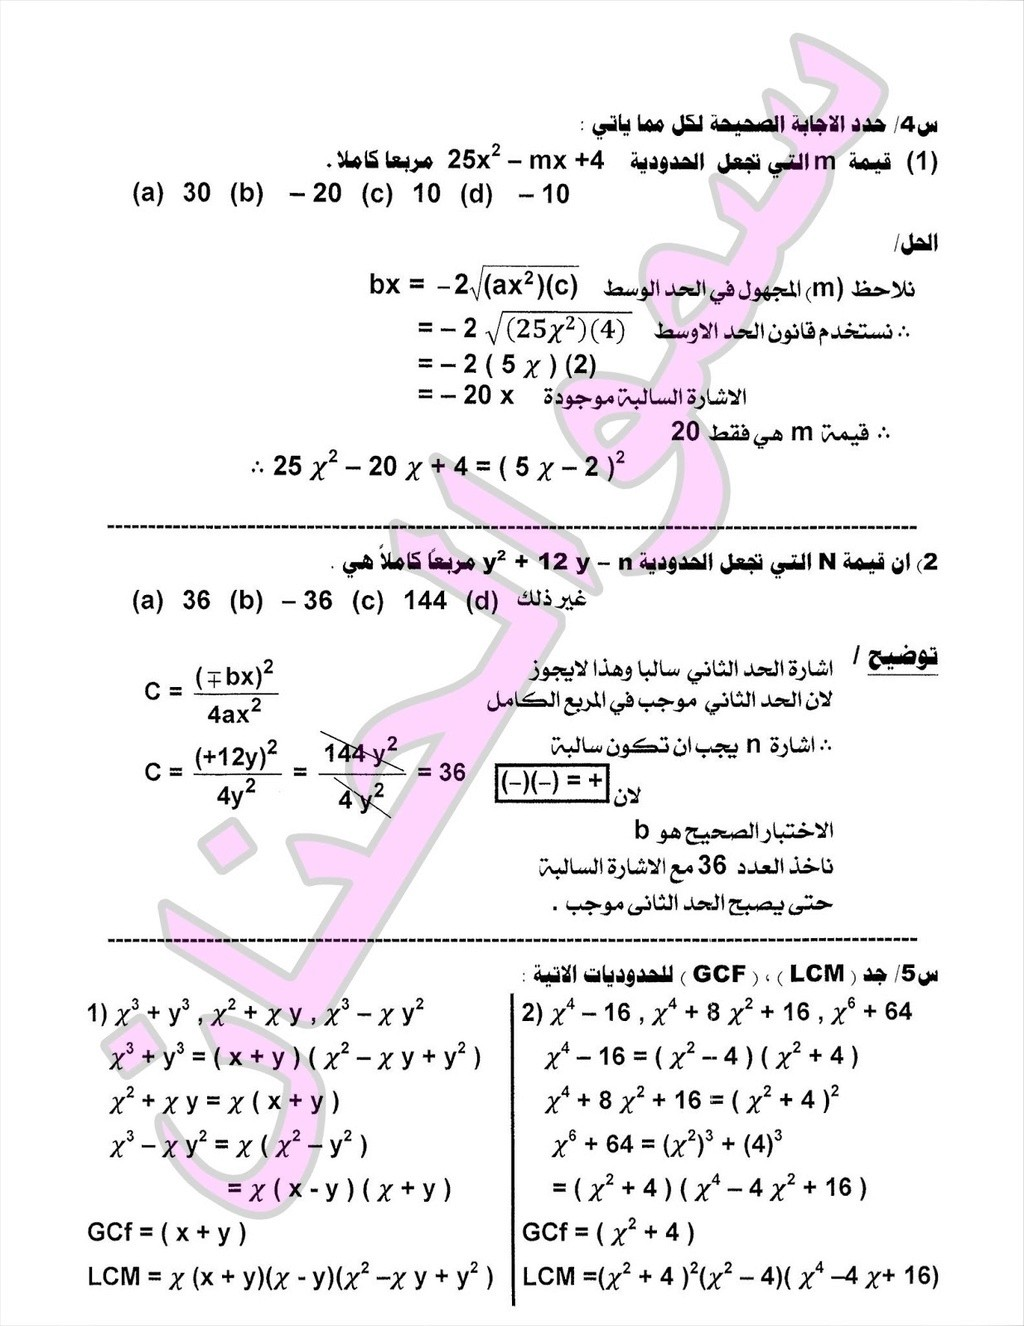 المراجعة المركزة وملخص لمادة الرياضيات للصف الثالث المتوسط 2017   الجزء 1 1010